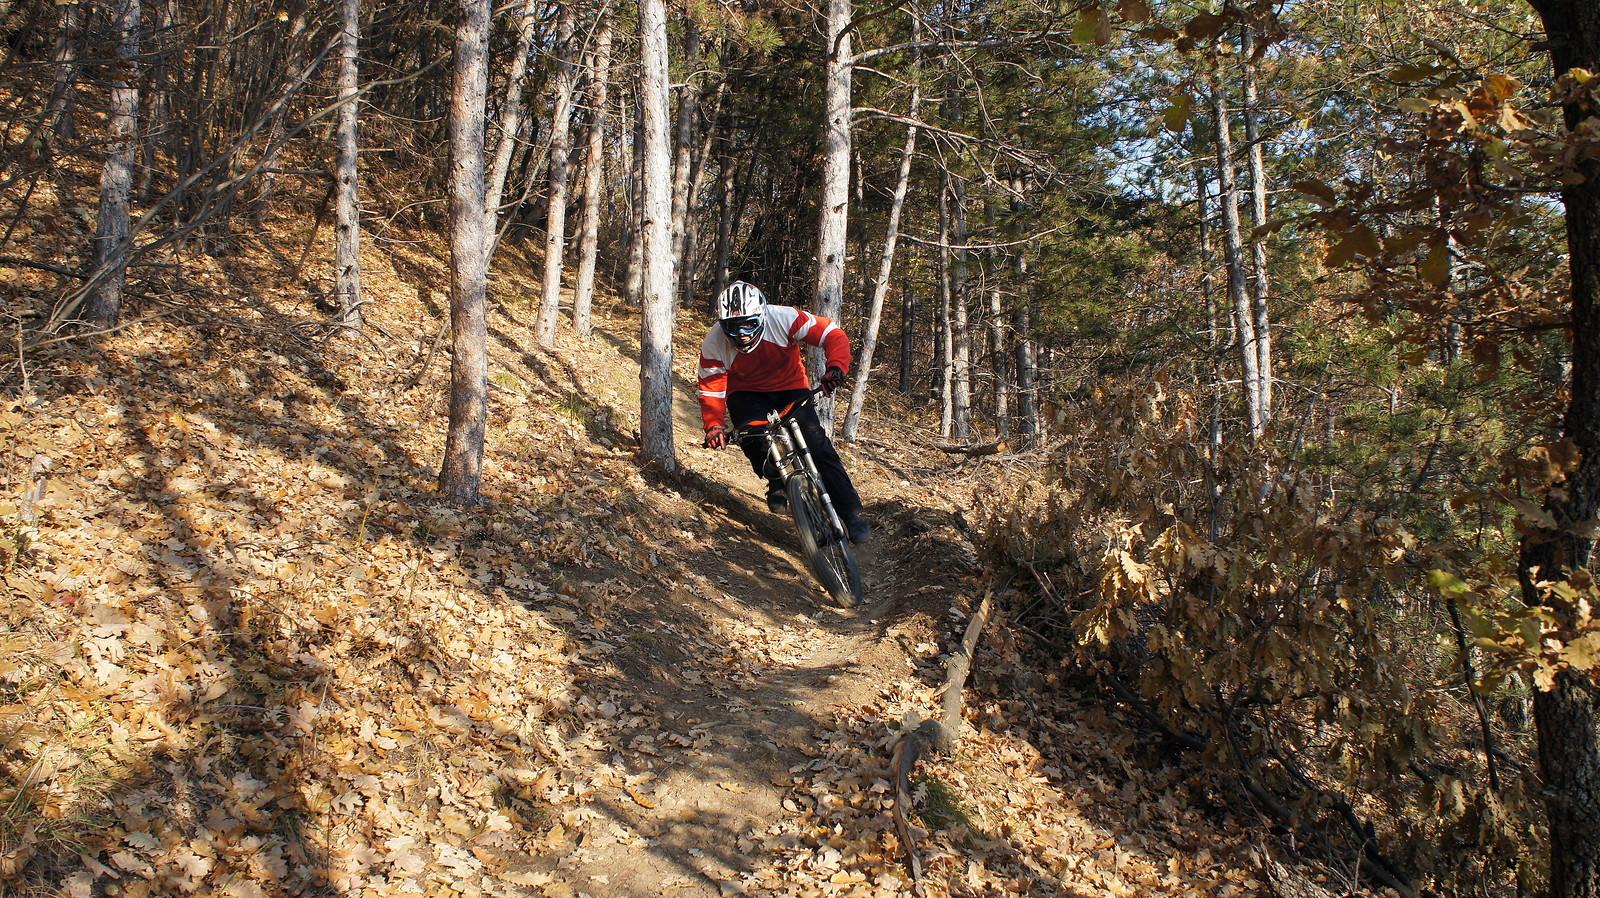 forest fun - k.raichev - Mountain Biking Pictures - Vital MTB